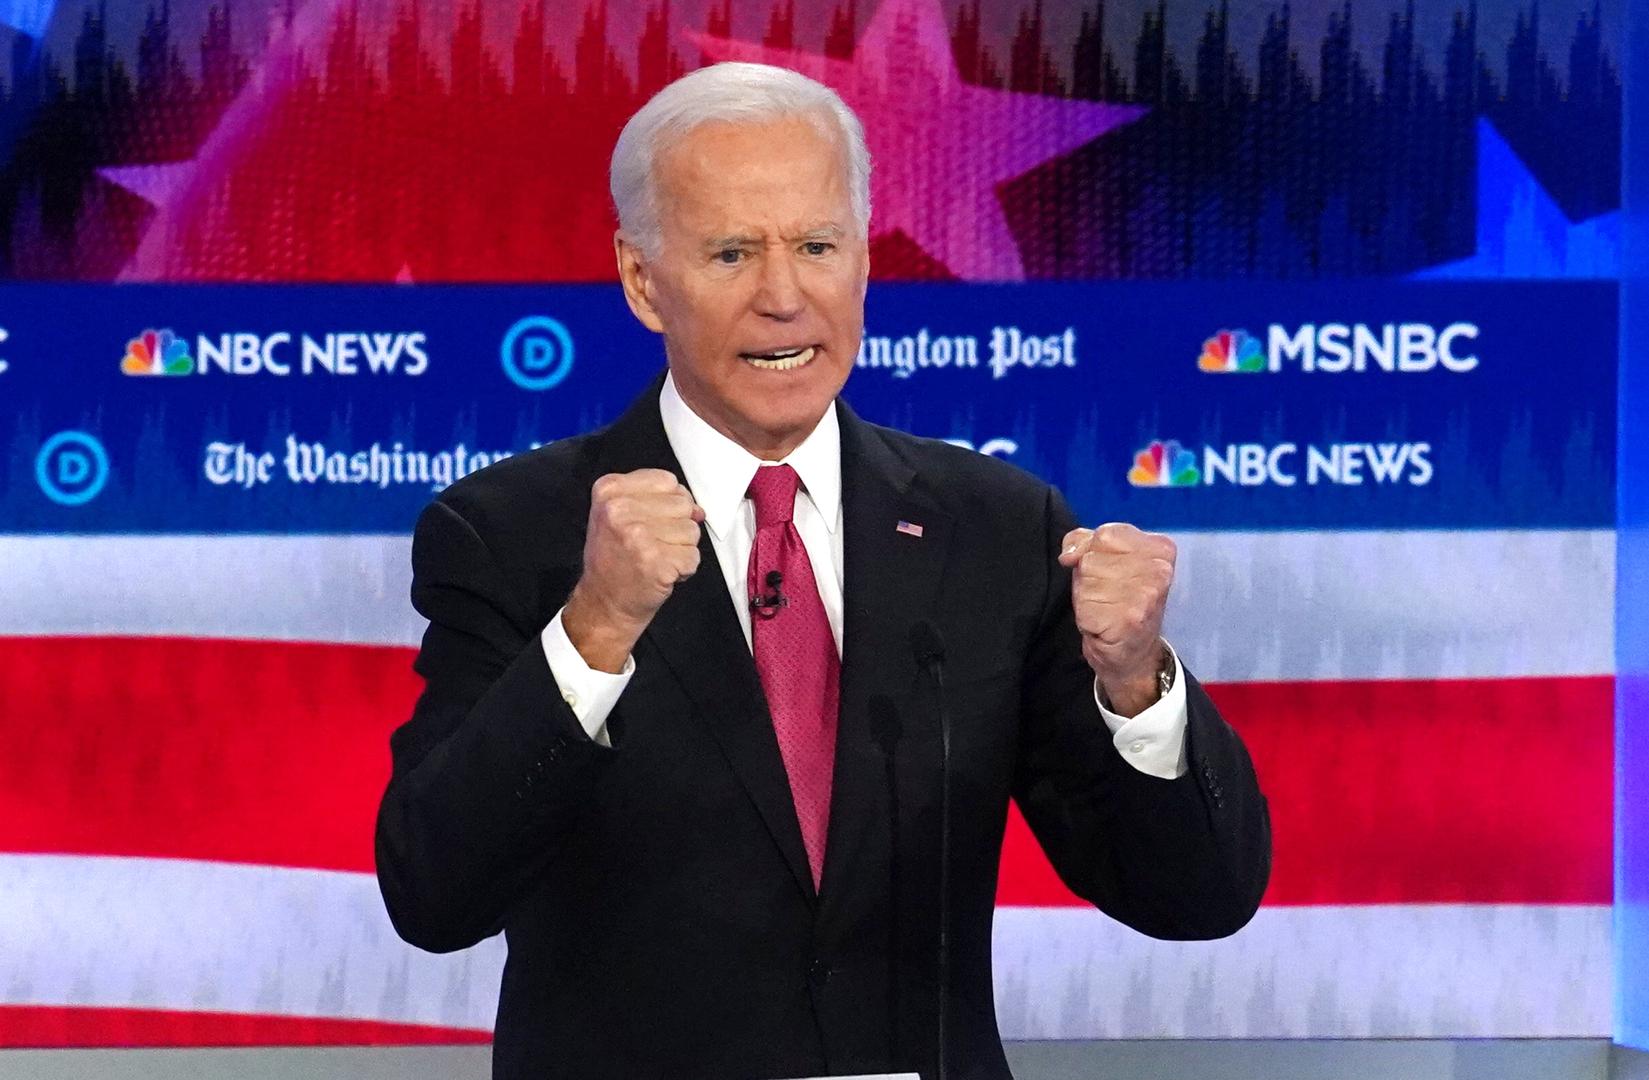 سي إن إن تُعلن فوز جو بايدن بانتخابات الرئاسة الأمريكية